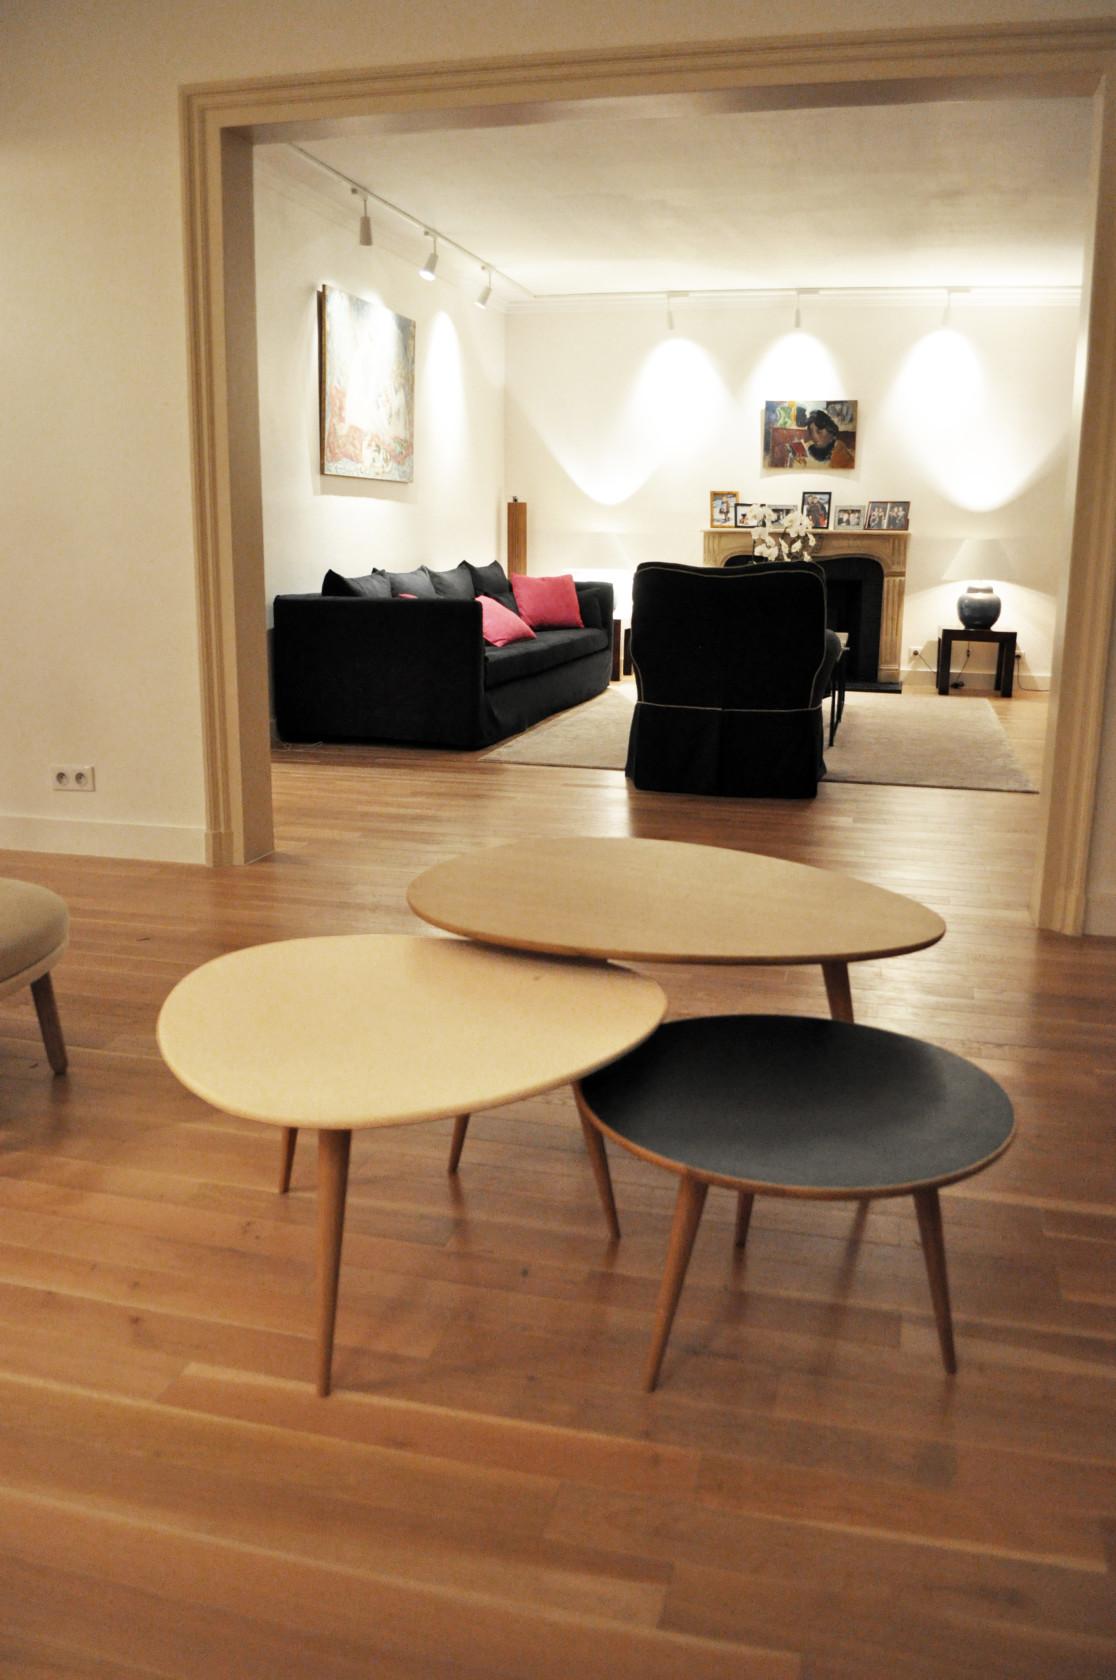 fran ais tables basses gigognes ludovic avenel b niste cr ateur. Black Bedroom Furniture Sets. Home Design Ideas